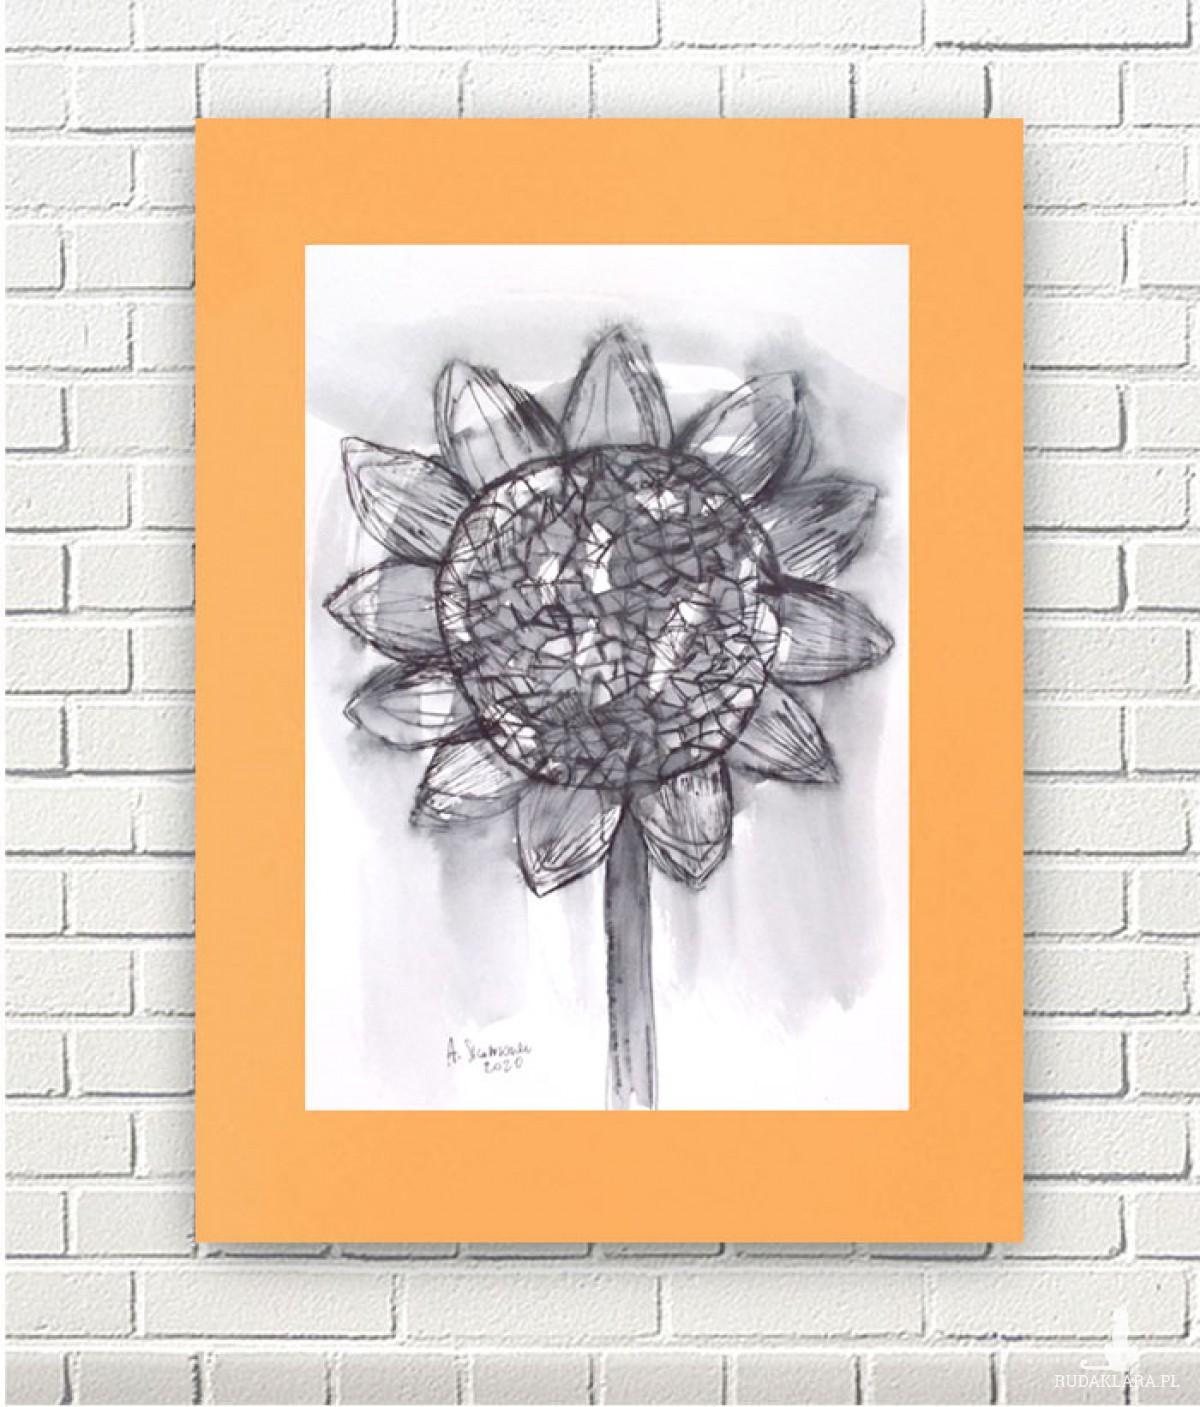 nowoczesna grafika do salonu, ładny rysunek skandynawski styl, słonecznik szkic biało czarny